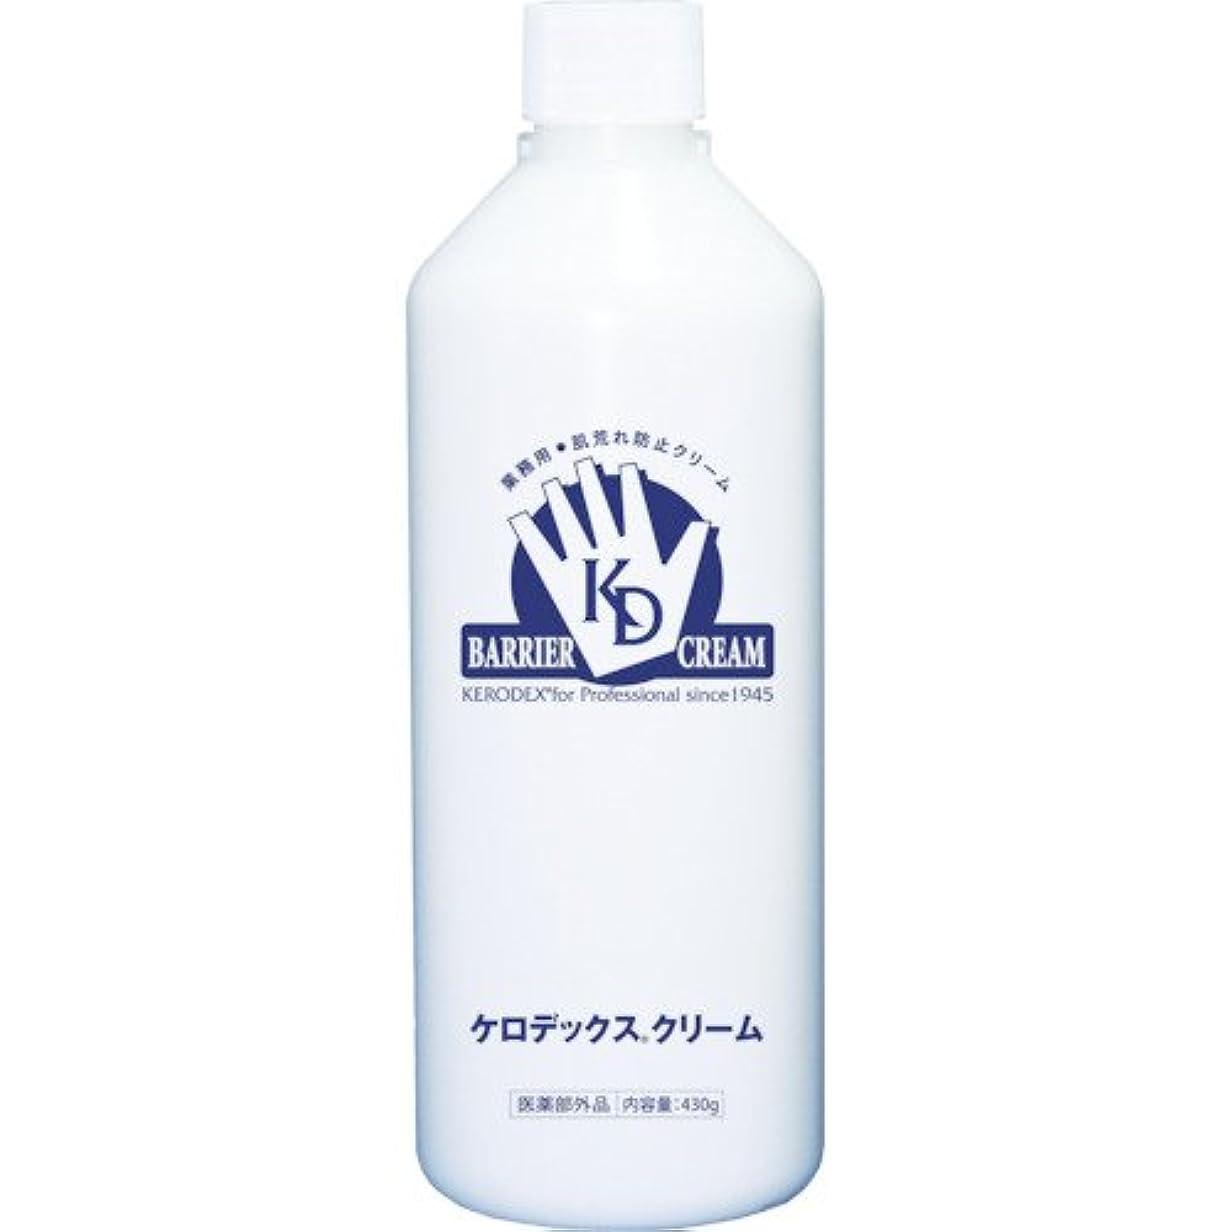 不定推定個性ケロデックスクリーム ボトルタイプ 詰替用 430g